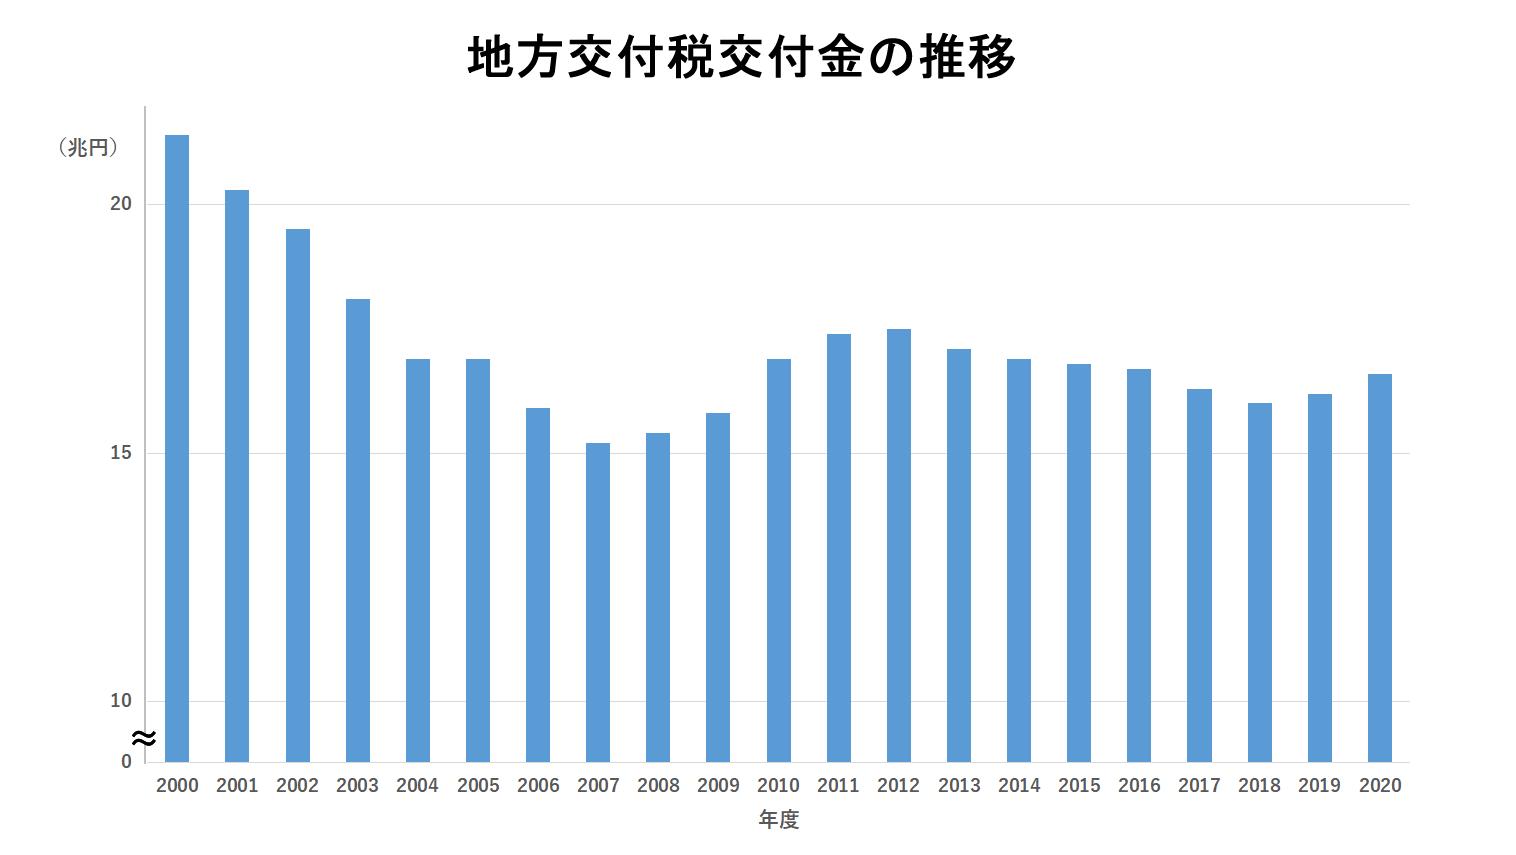 地方交付税交付金の推移 グラフ